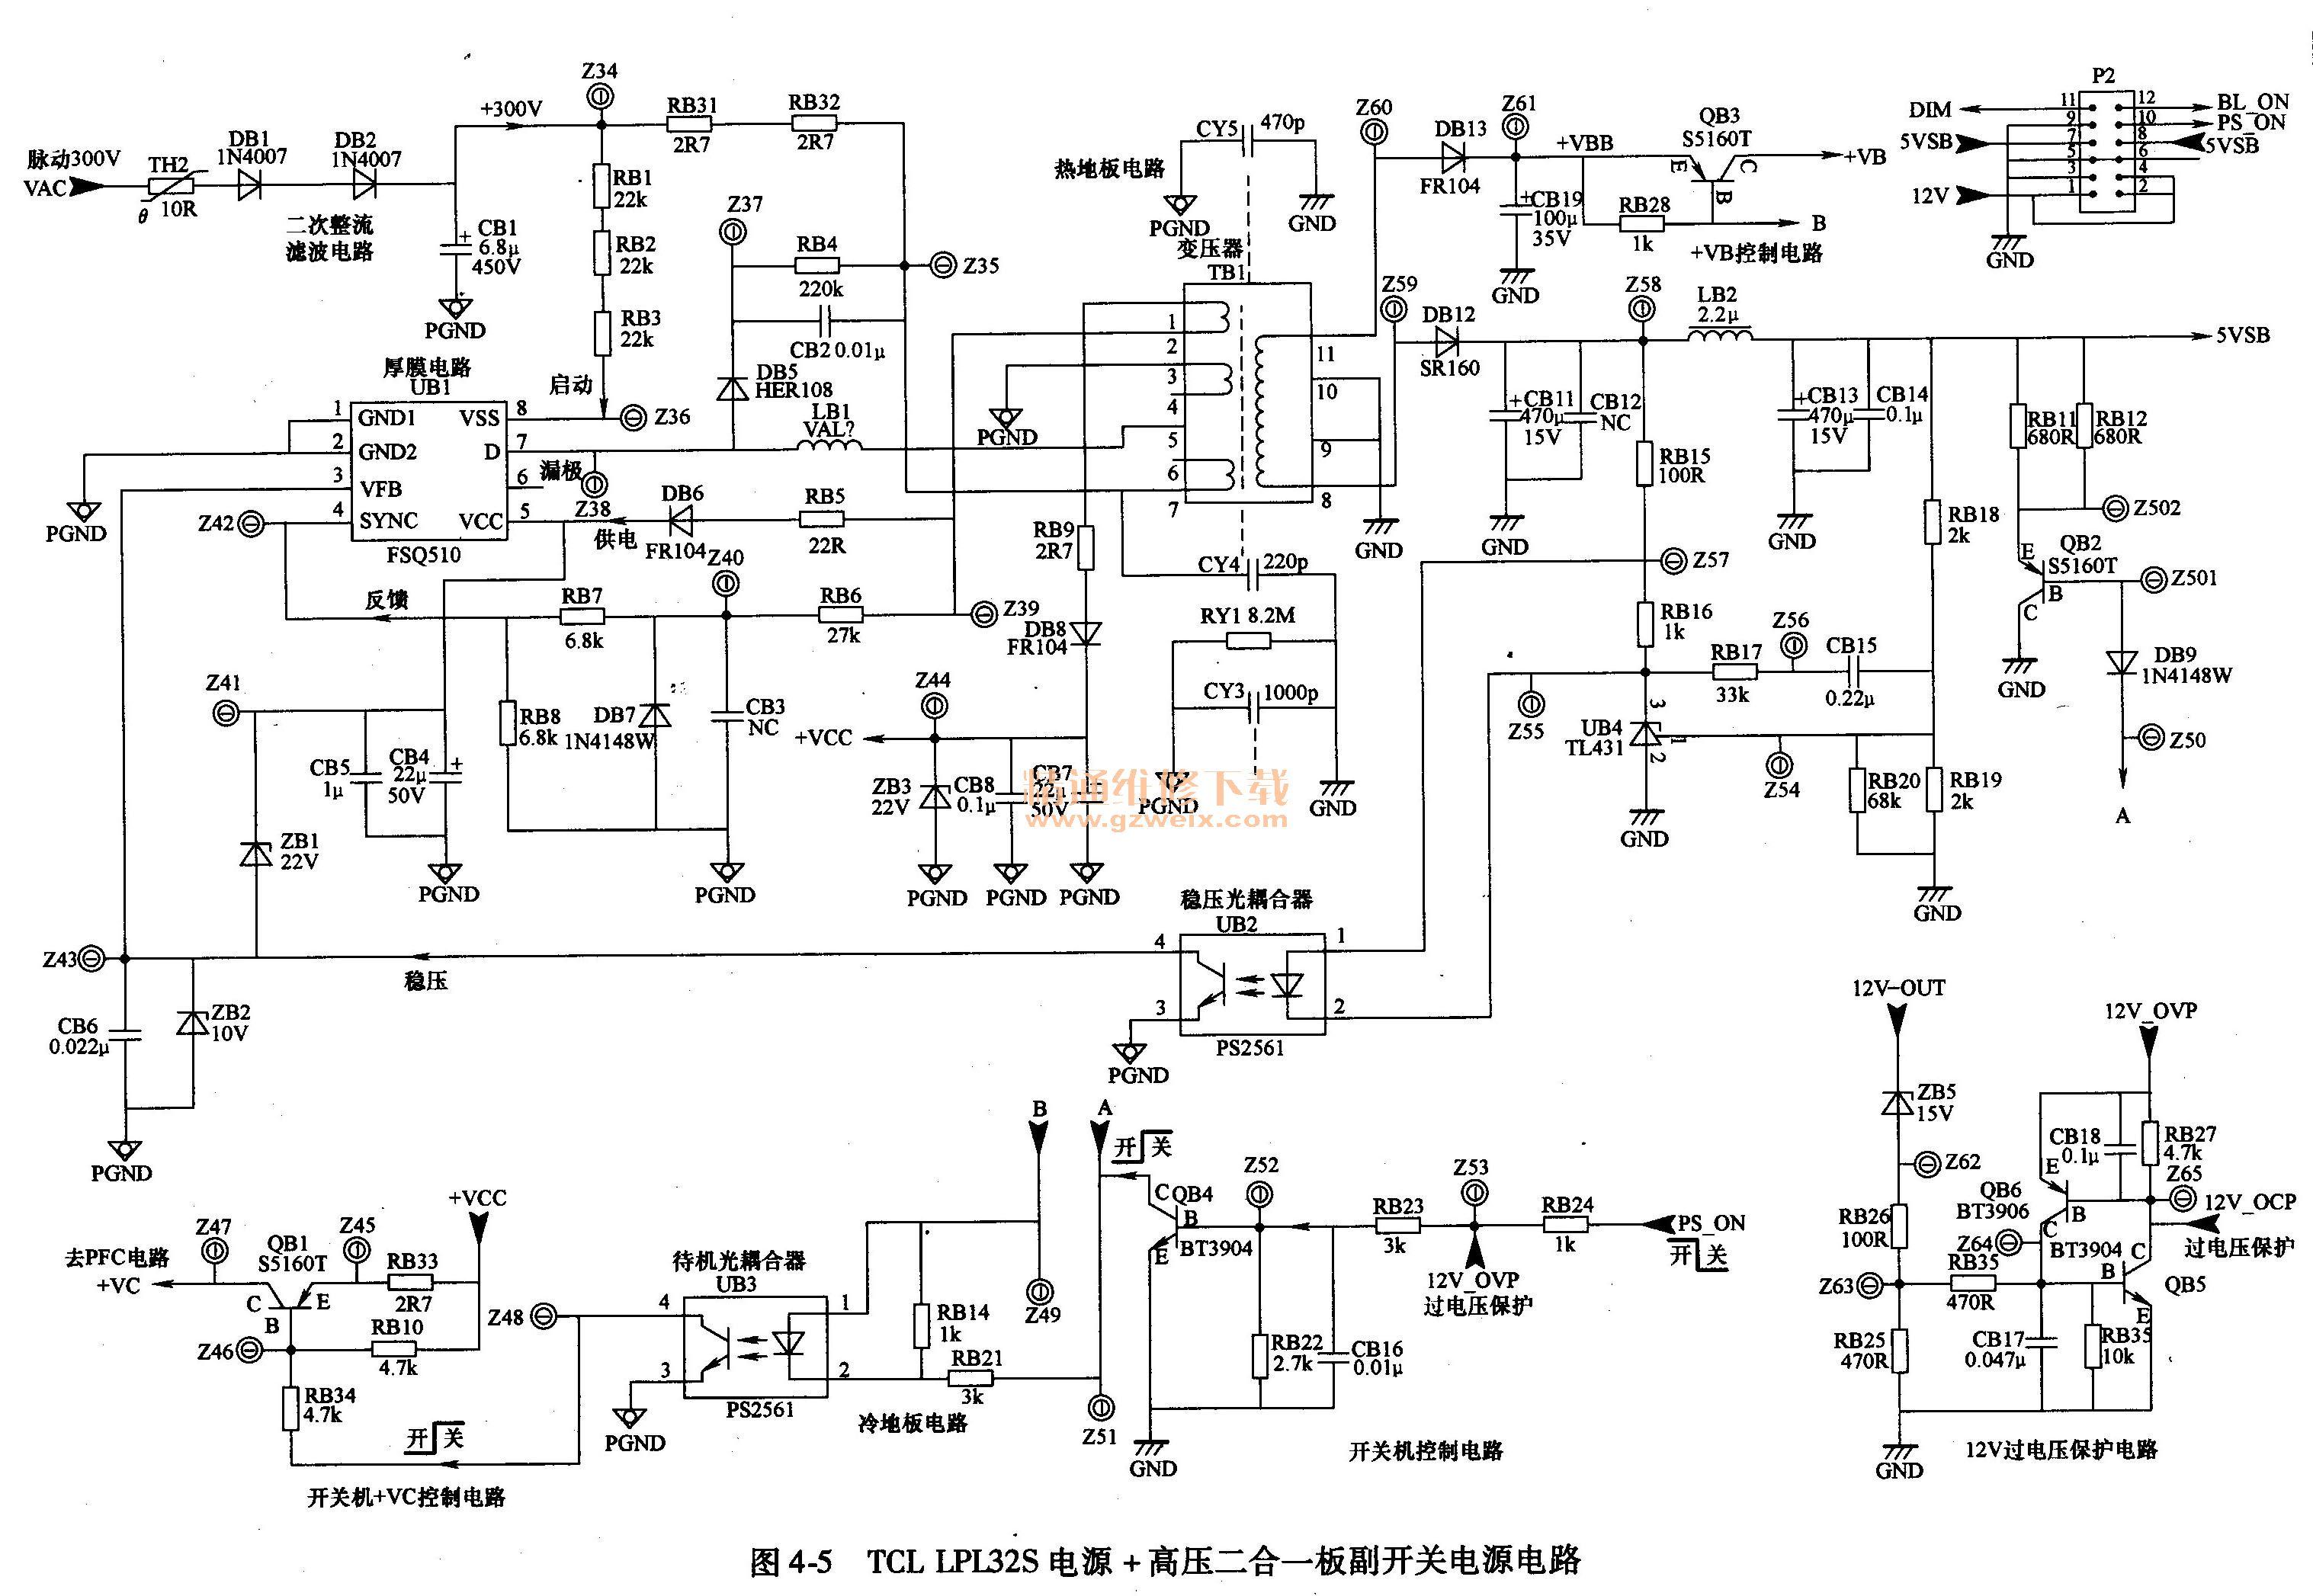 TCL LPL32S电源+高压二合一板副开关电源电路